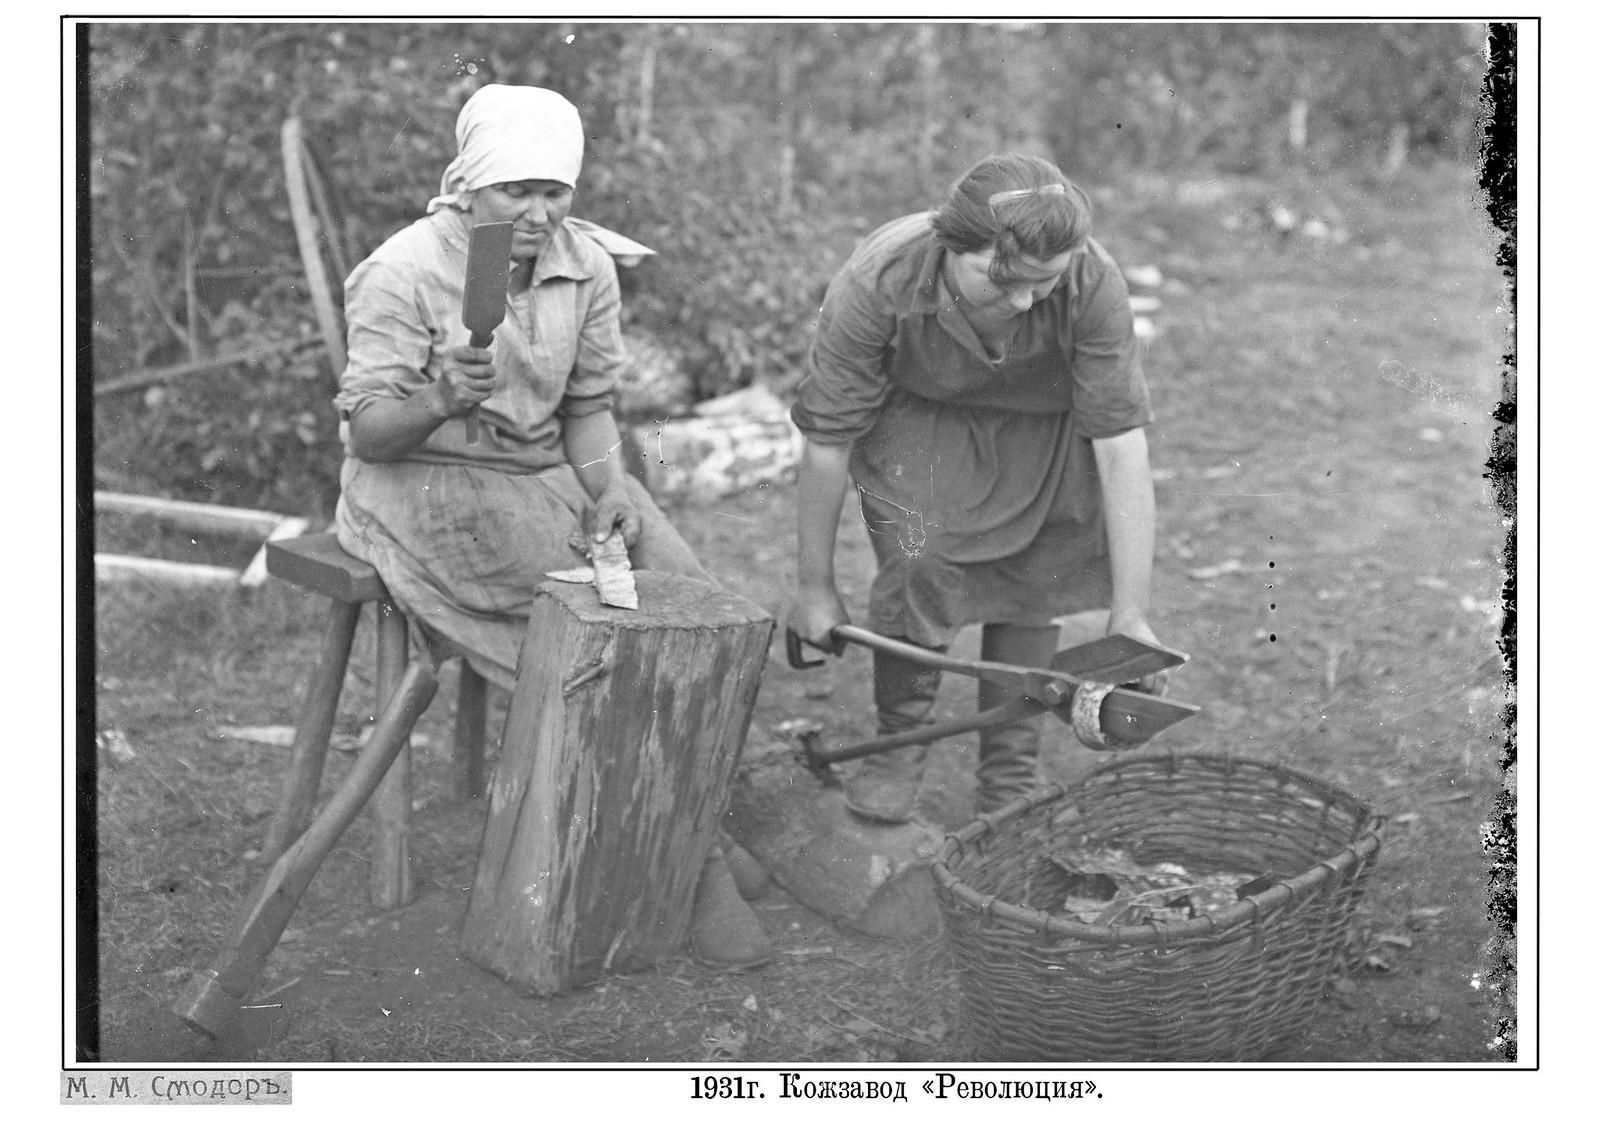 1931. Кожевенный завод Революция. Нарезка заготовок ручными ножницами